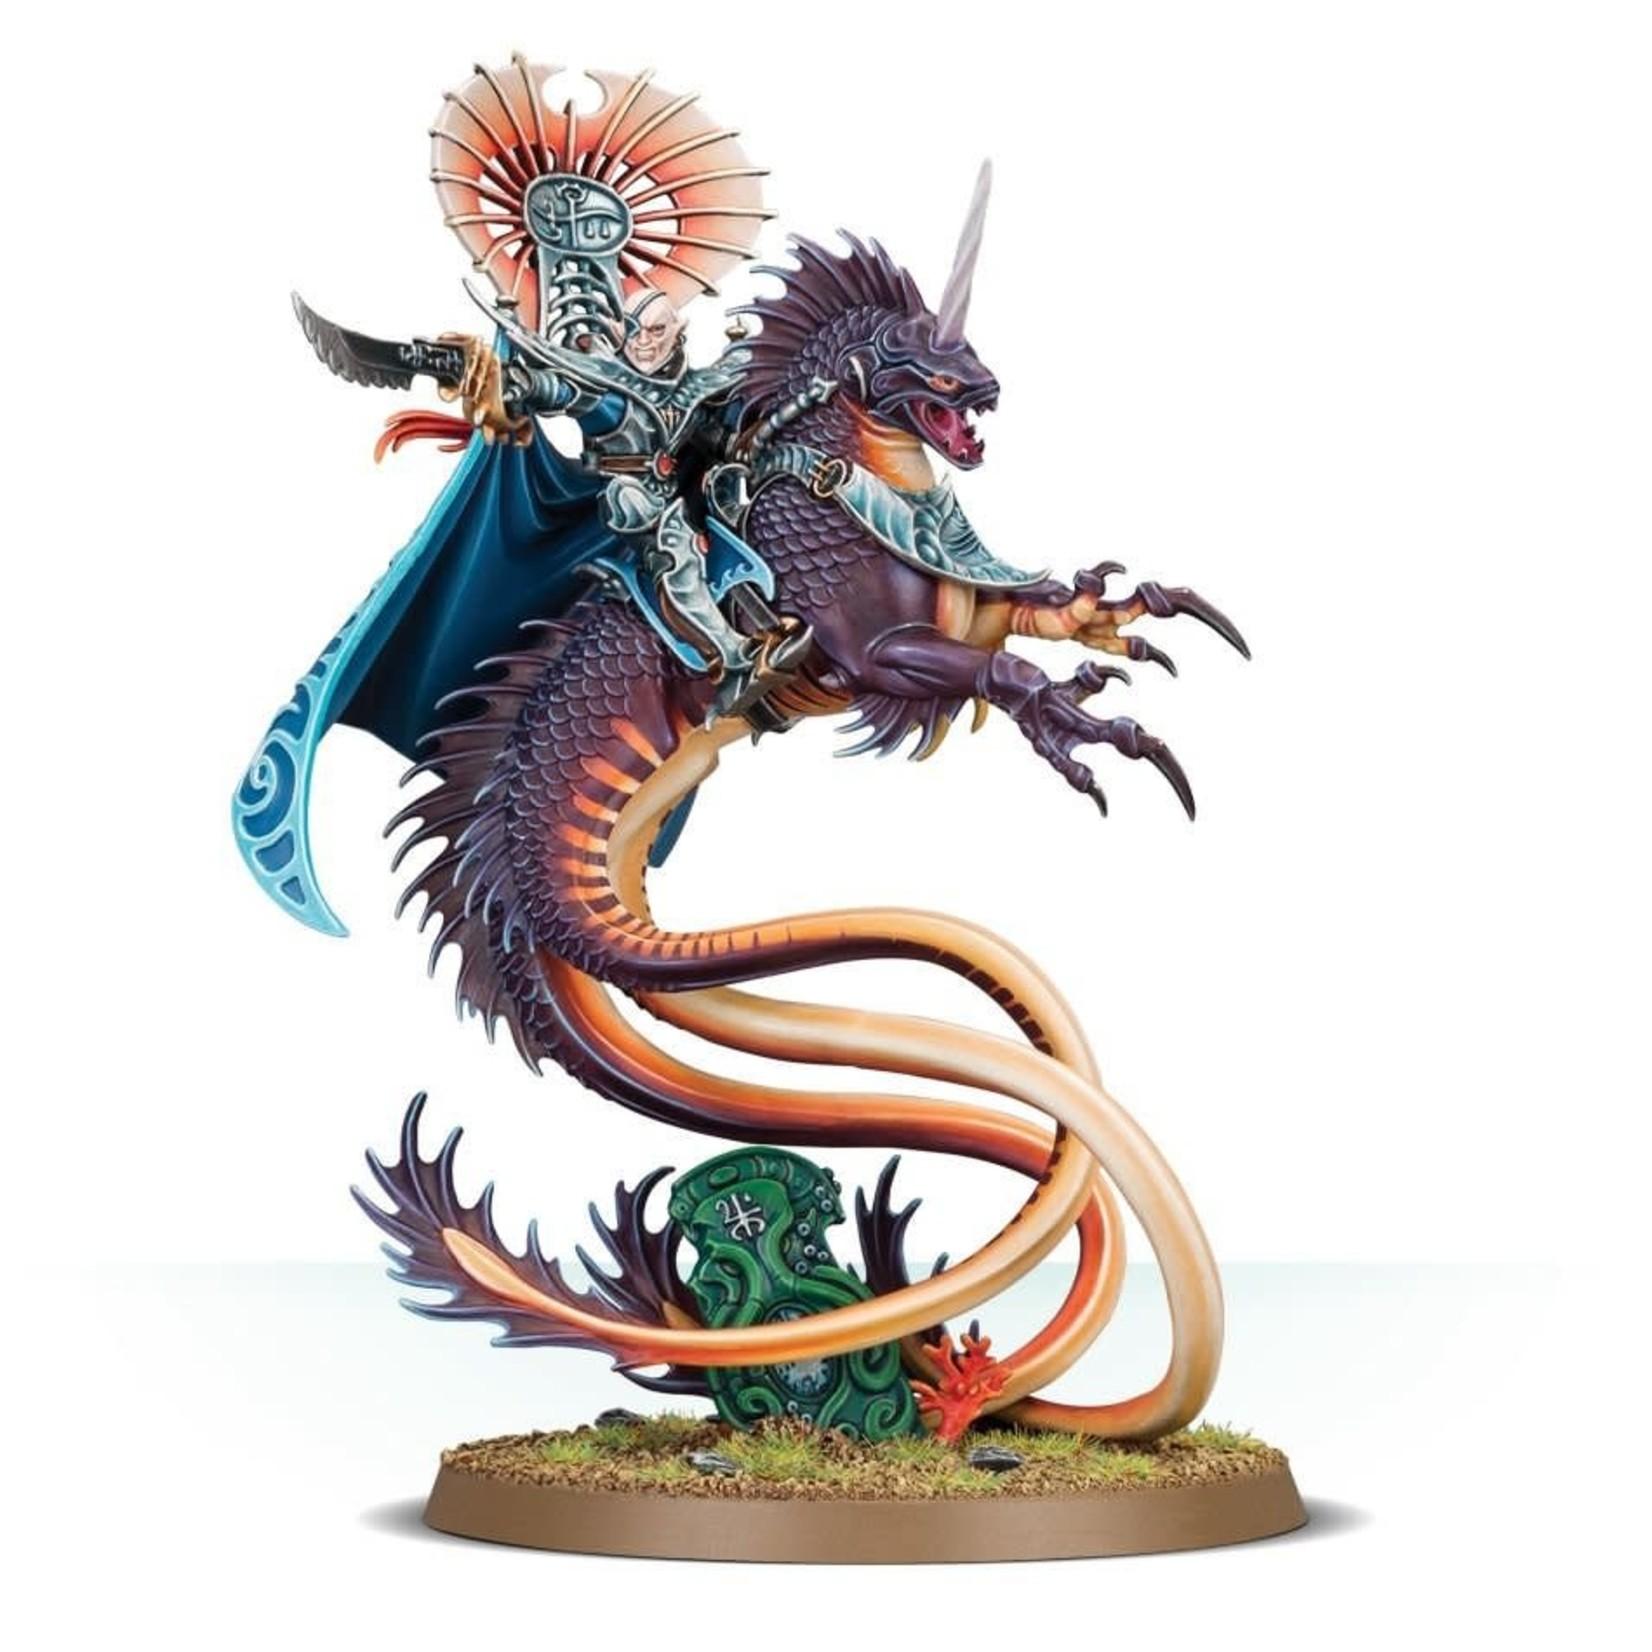 Games Workshop Volturnos High King Of The Deep